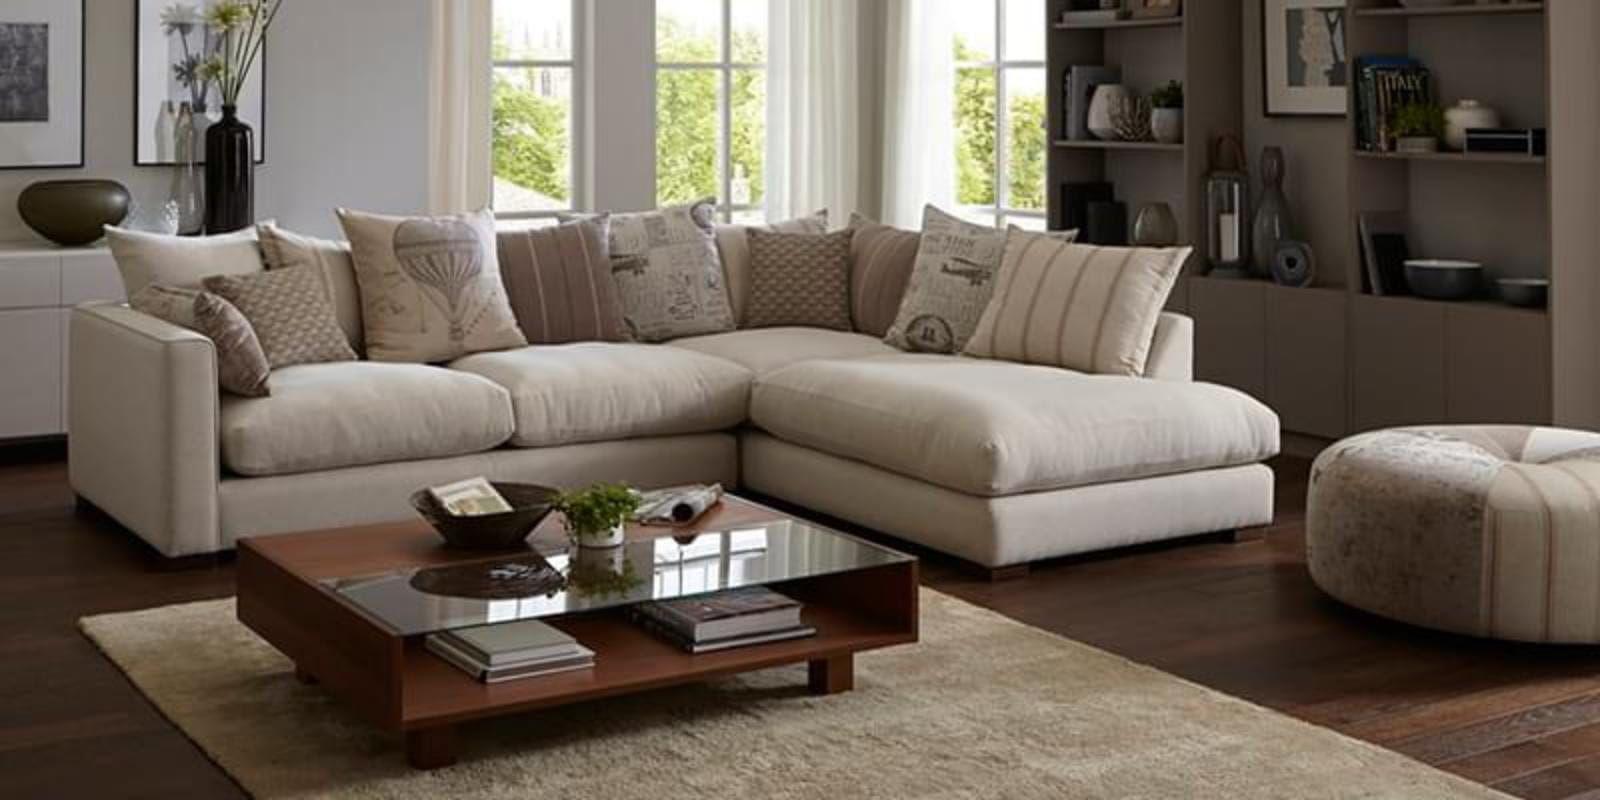 Small Living Room L Shape Sofa Design 2020   WOWHOMY